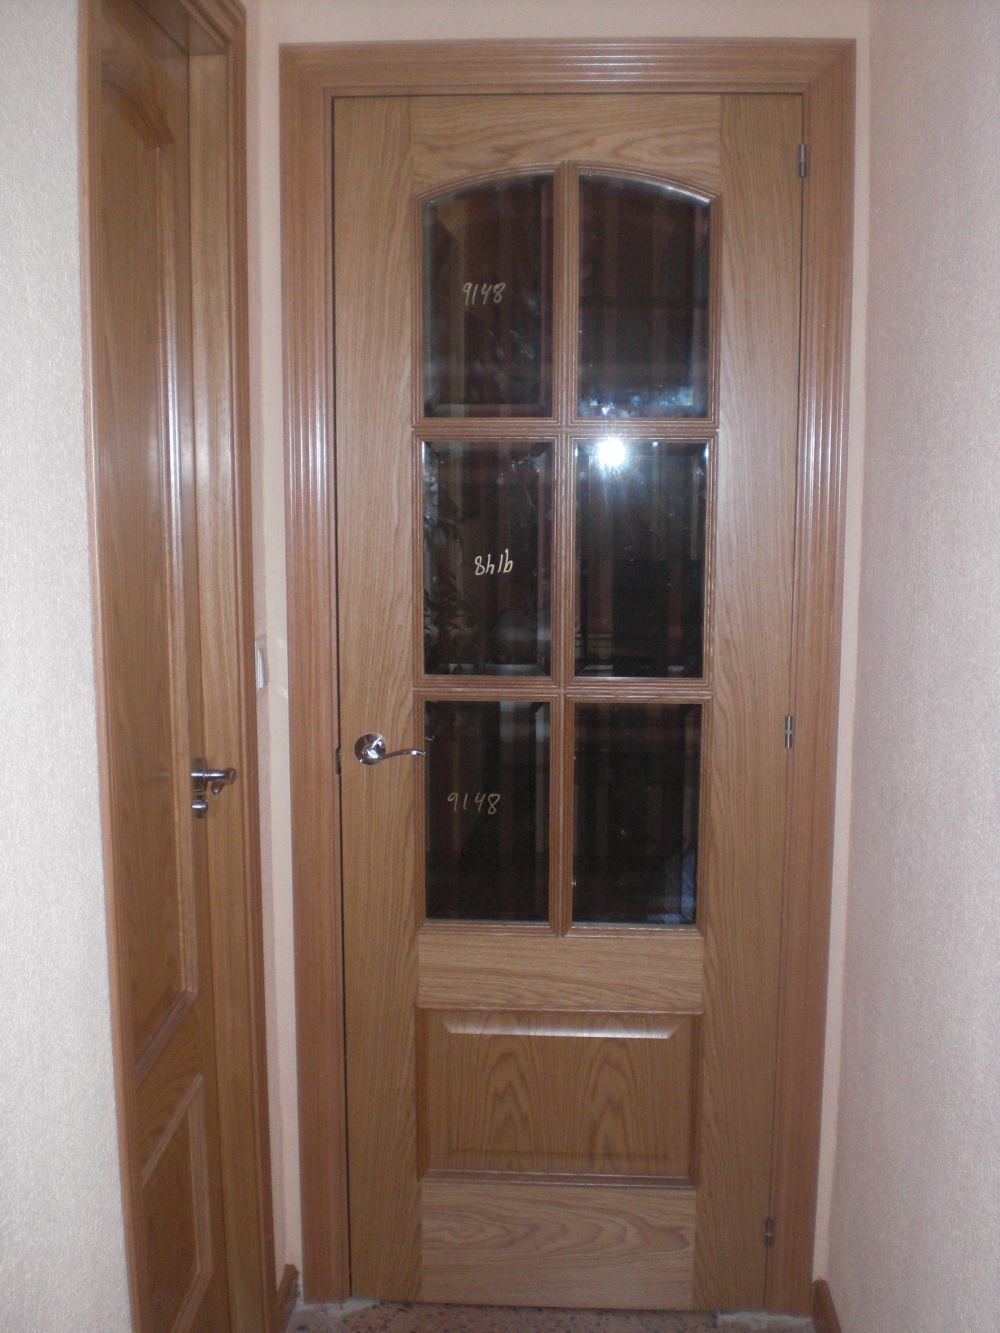 Pintura e instalaci n de puertas de interior en vivienda - Pintura para puertas ...